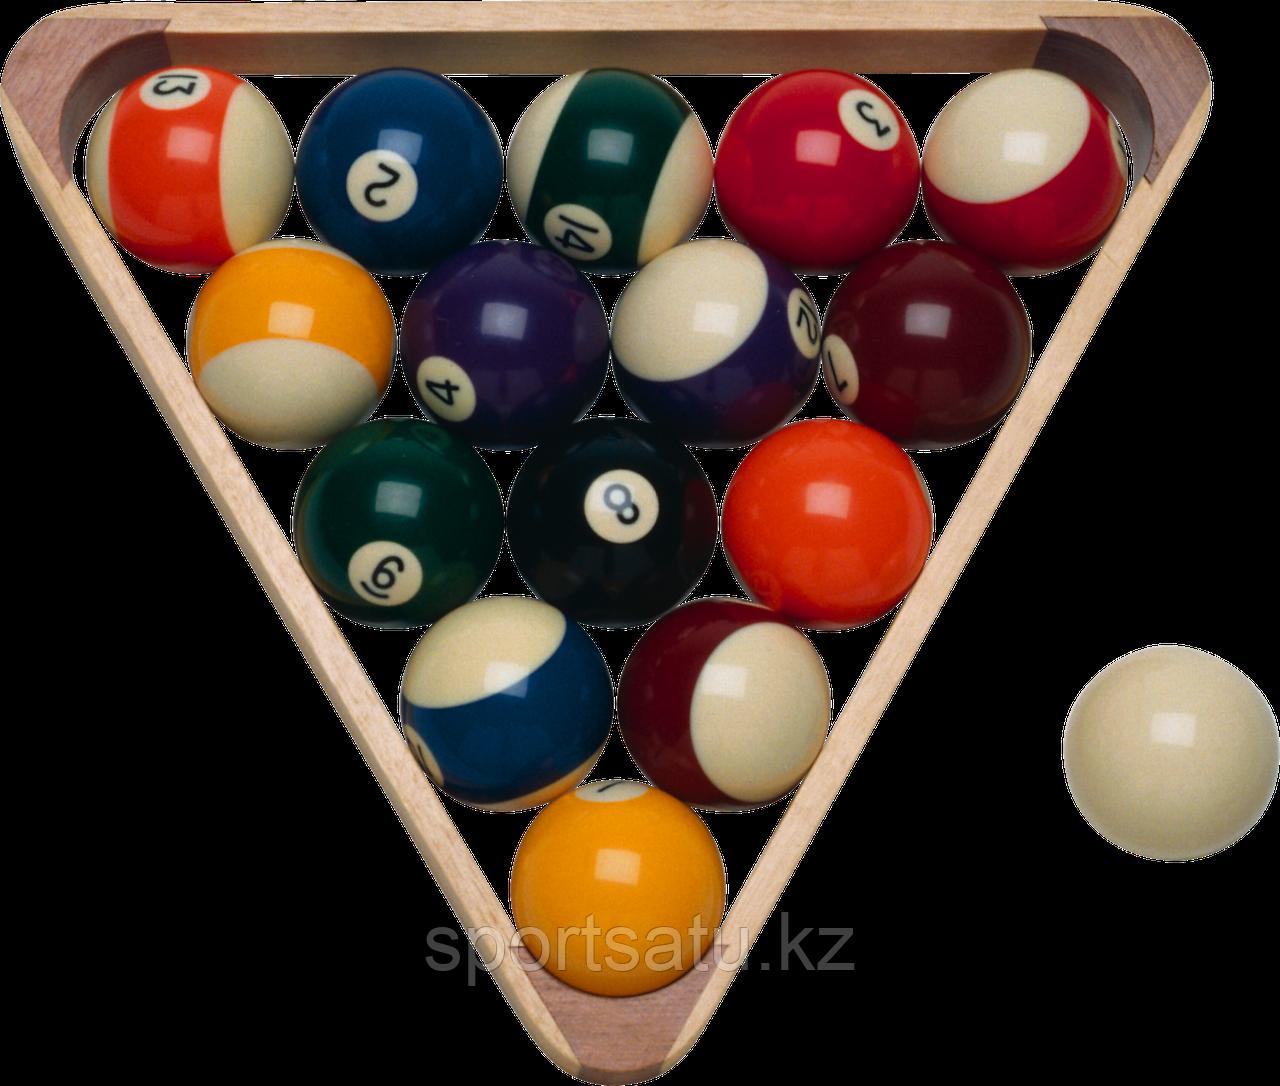 Бильярдные шары цветные